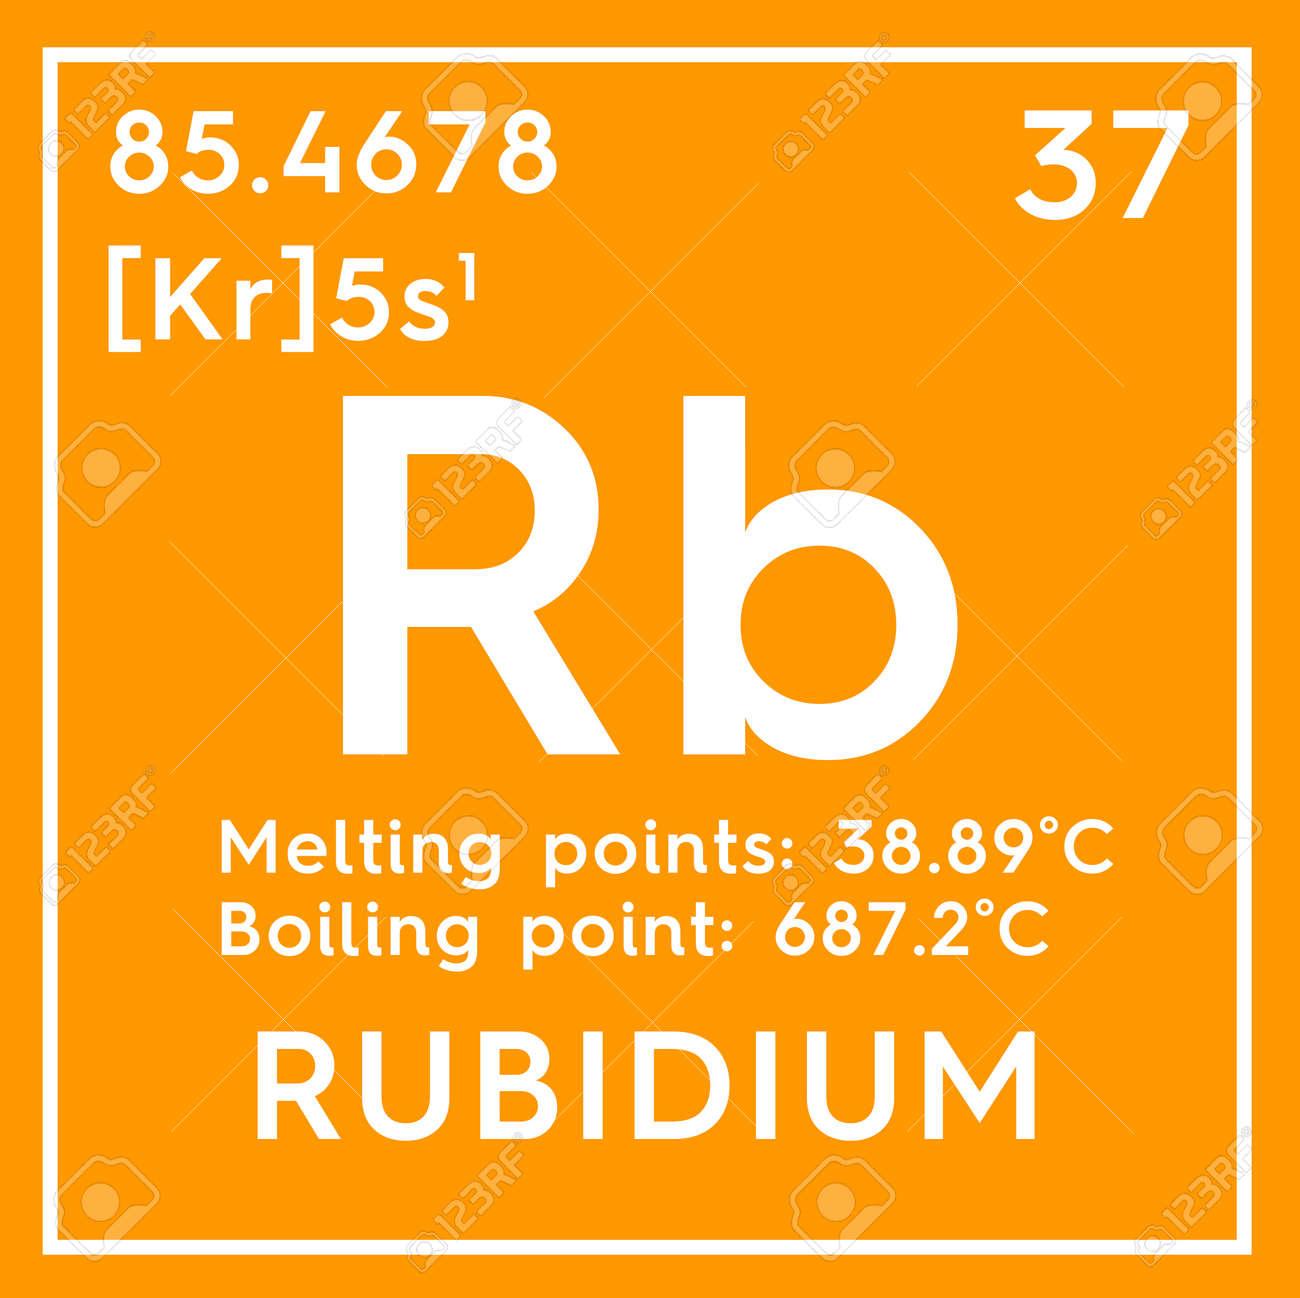 metales alcalinos elemento qumico de la tabla peridica de mendeleev rubidium en un cubo cuadrado concepto creativo - Metales Alcalinos Tabla Periodica Definicion